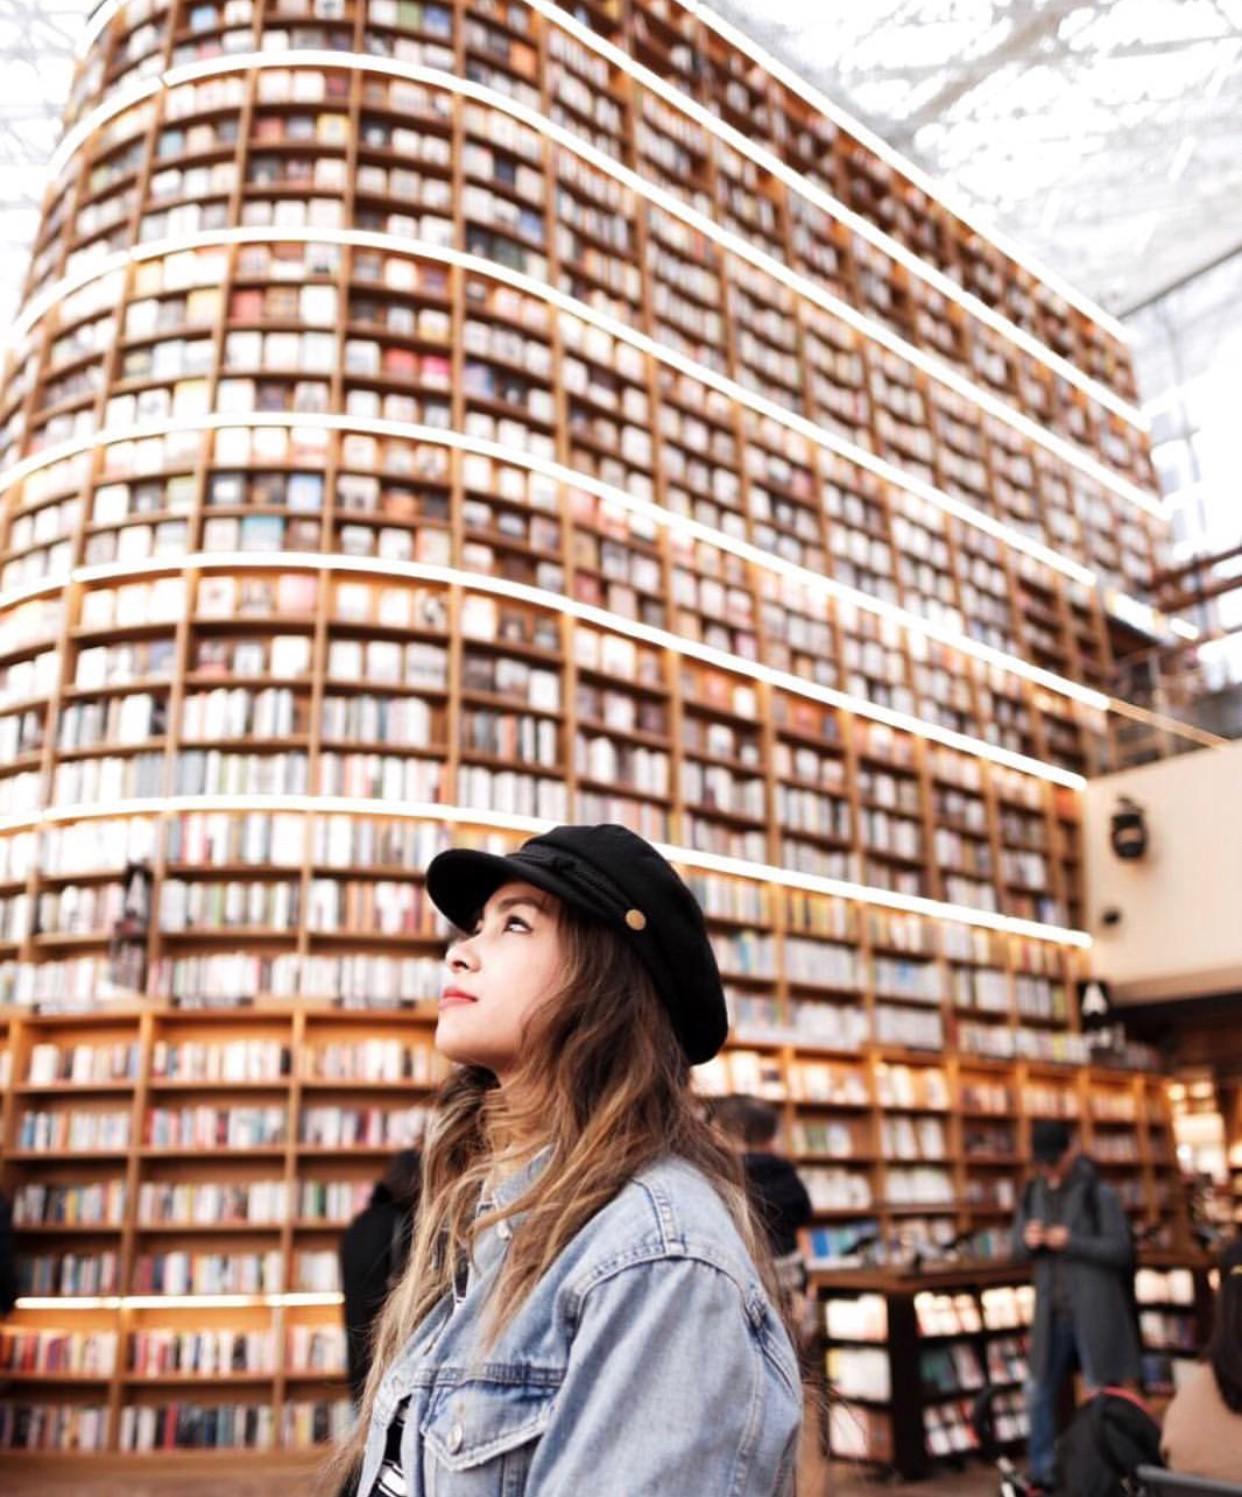 Thư viện khổng lồ nằm ở tận Seoul nhưng bạn trẻ Việt Nam nào đến đây cũng phải check-in cho bằng được! - Ảnh 6.